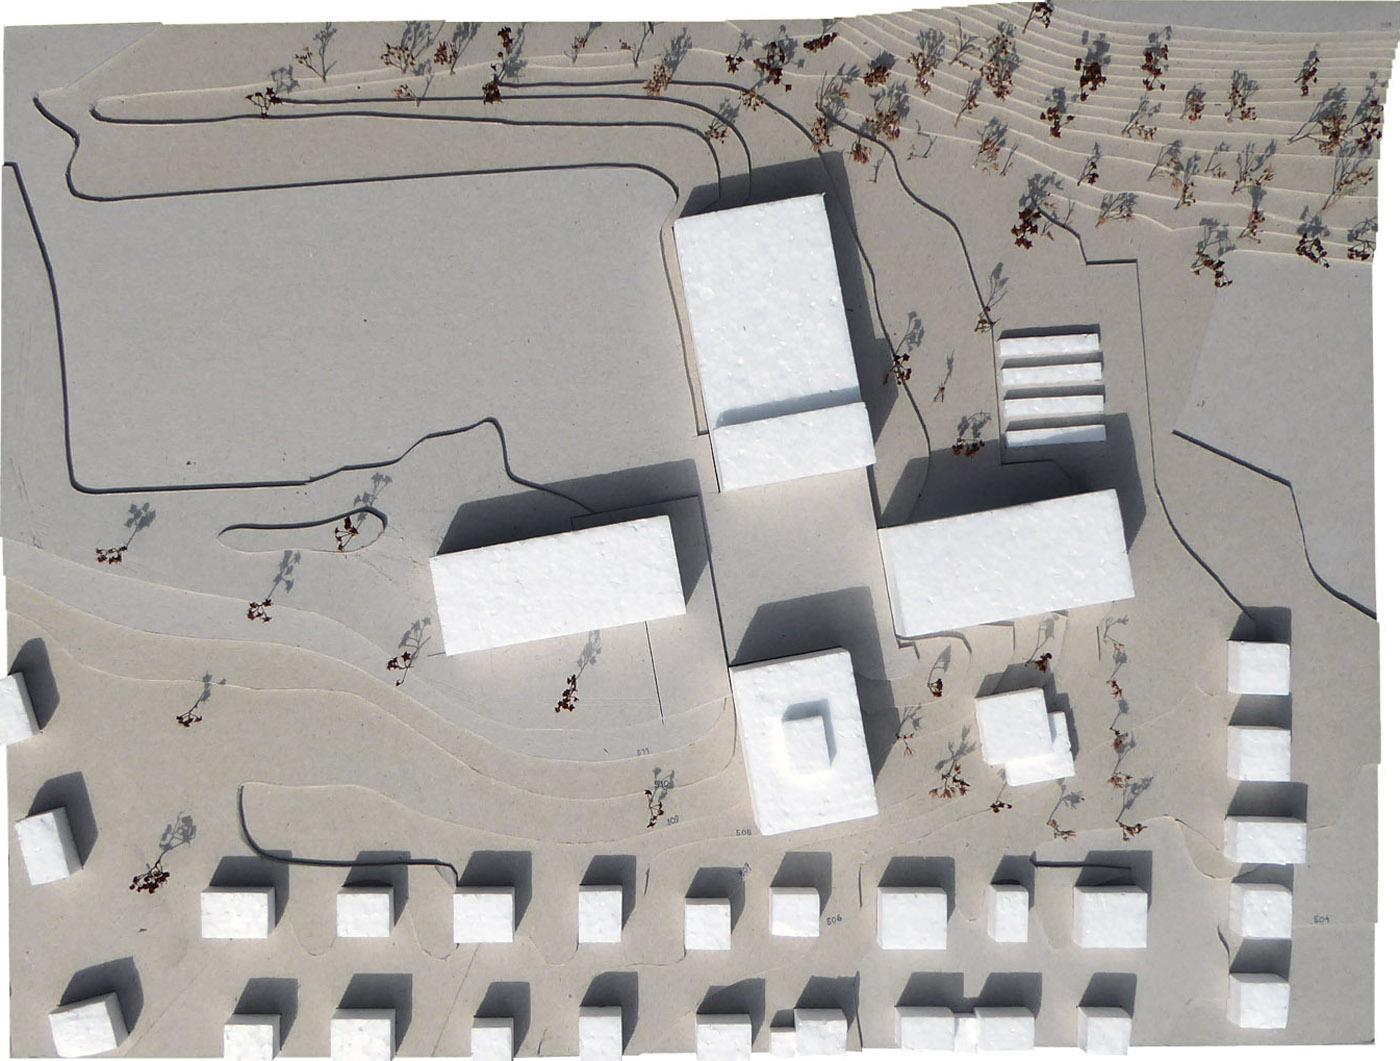 buan architekten – Schulanlage Erlen Emmenbrücke – Modell